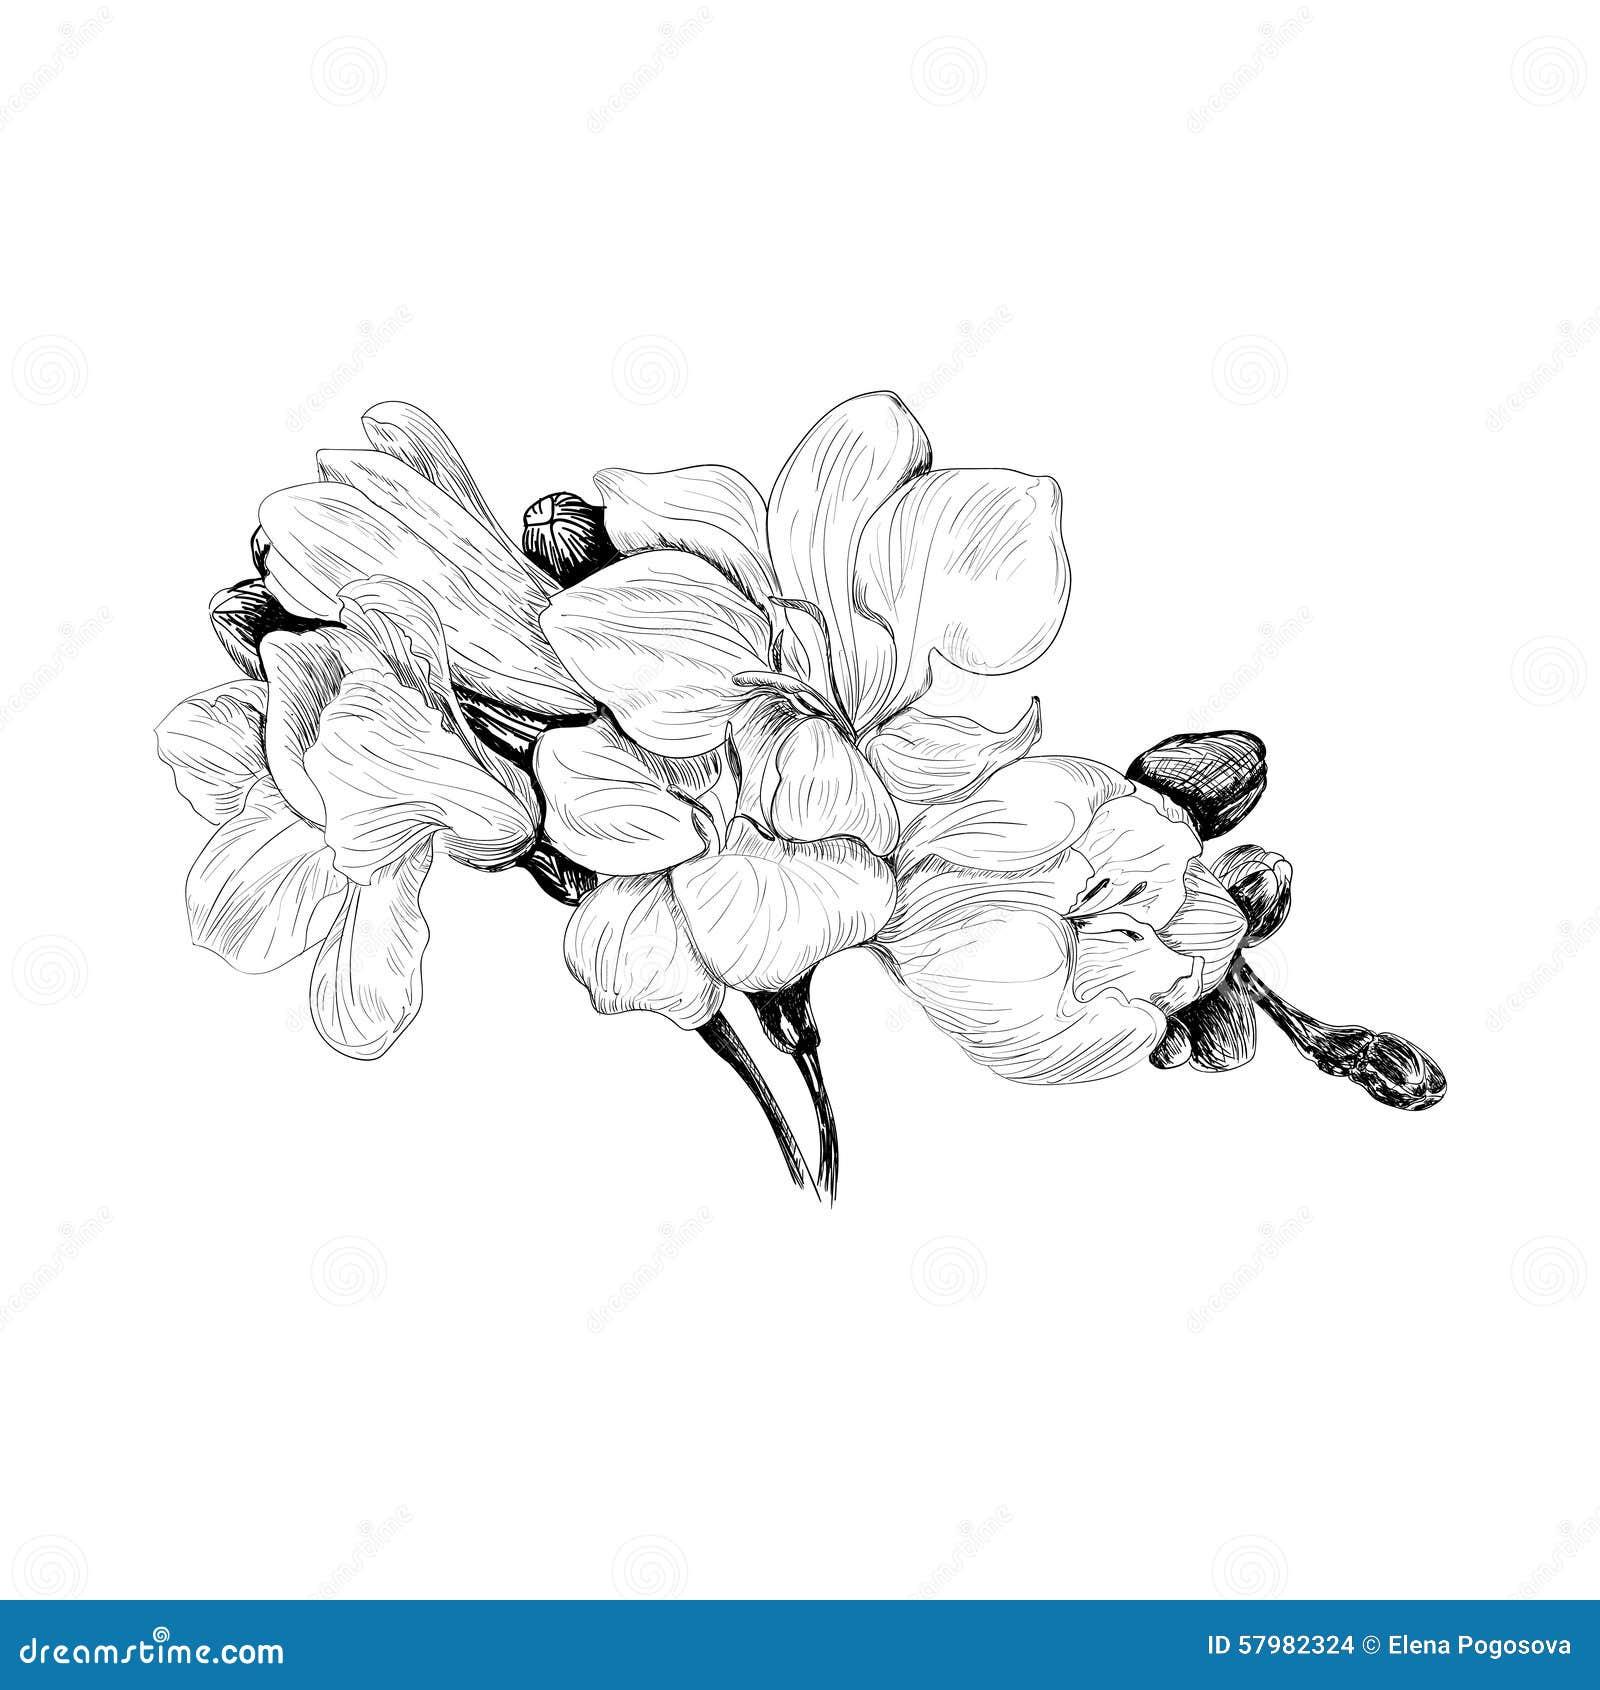 Freesia Flower Sketch Stock Vector. Illustration Of Flower - 57982324